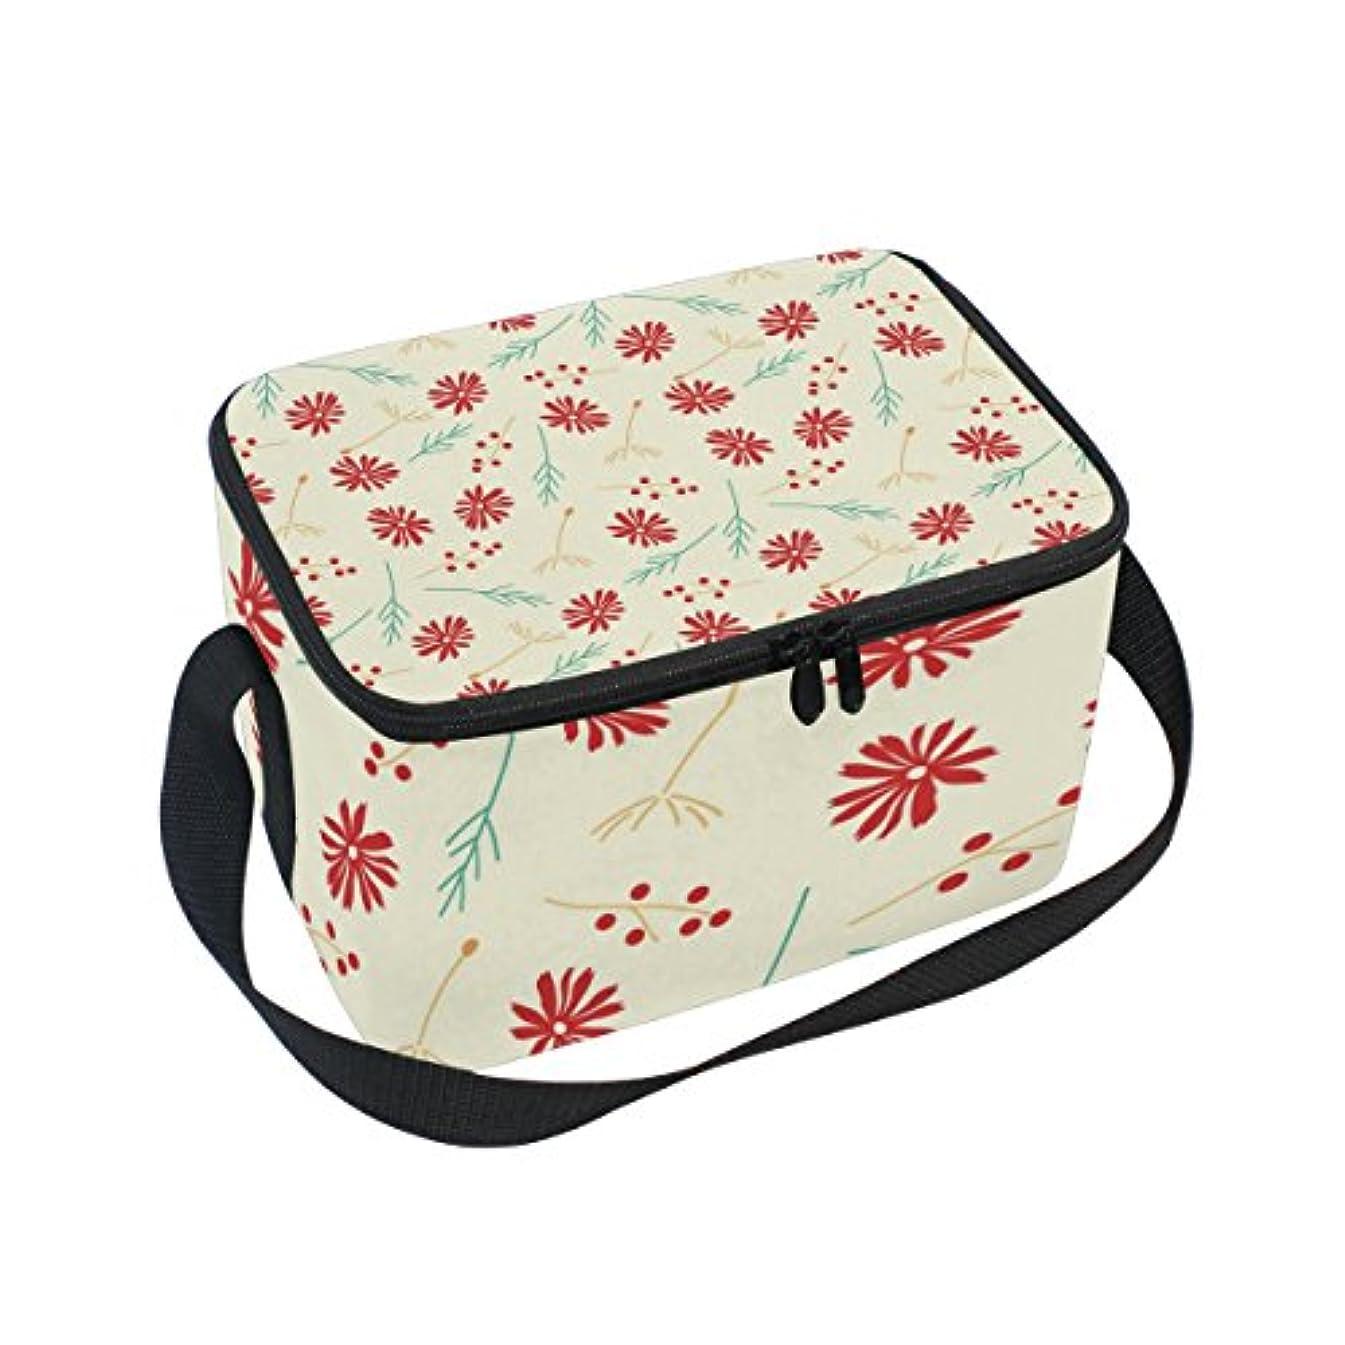 かもめ条件付きサーバントクーラーバッグ クーラーボックス ソフトクーラ 冷蔵ボックス キャンプ用品 赤小花柄 保冷保温 大容量 肩掛け お花見 アウトドア